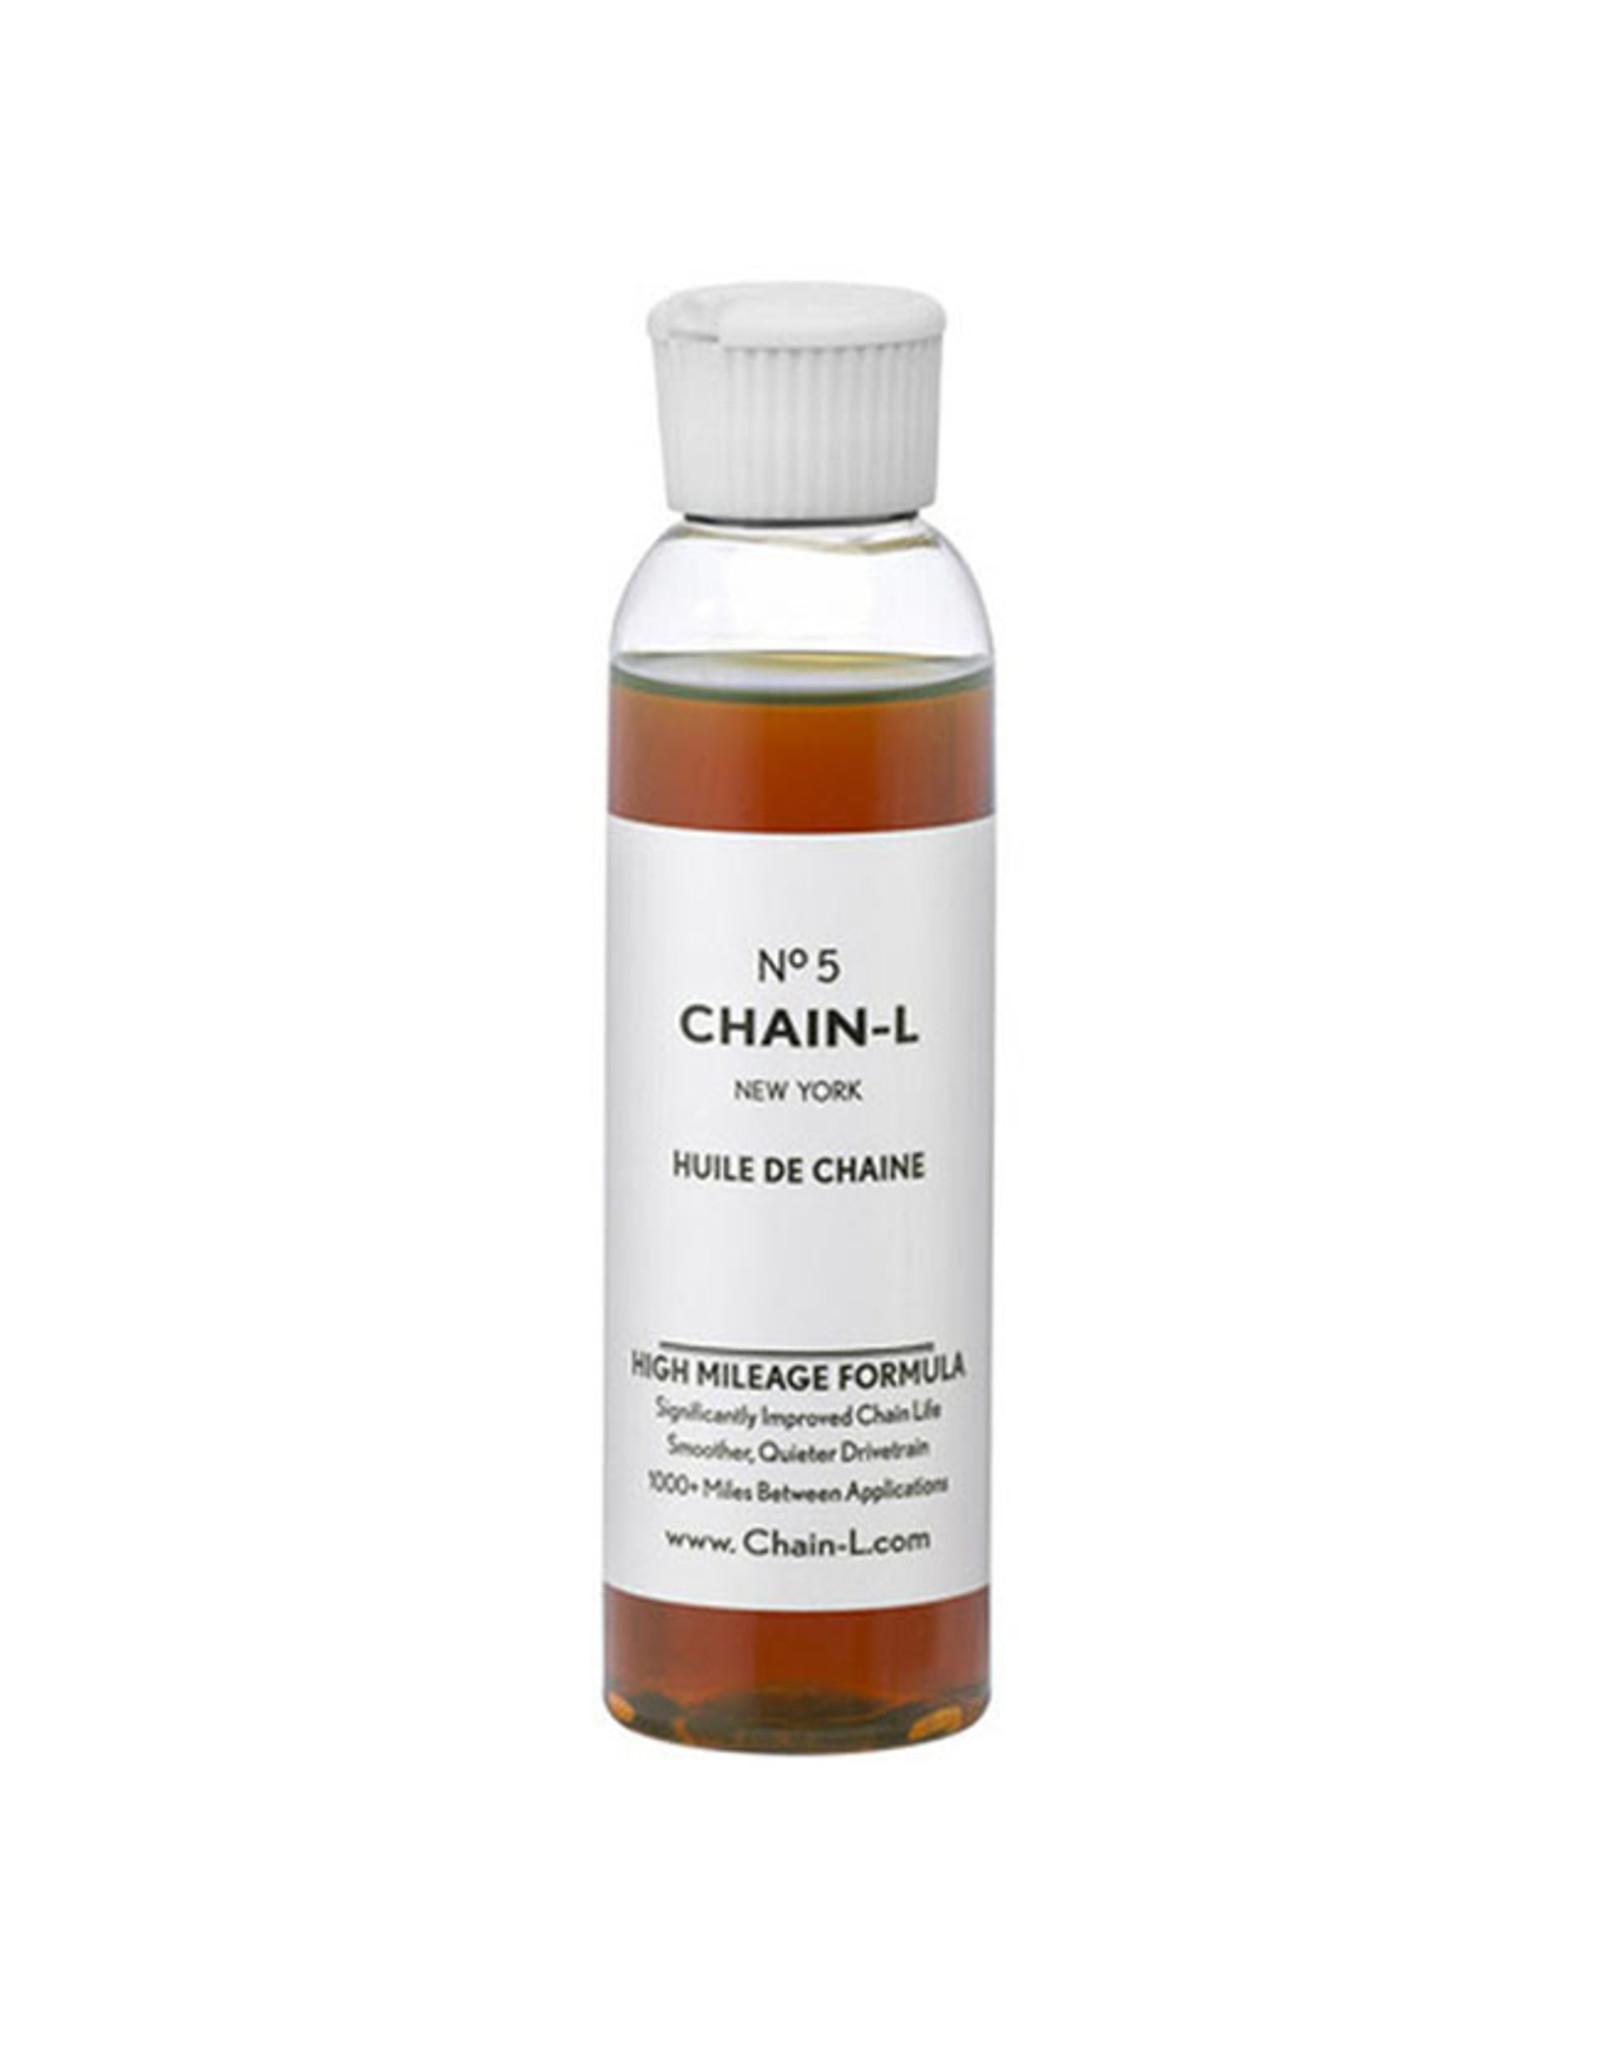 Chain-L Chain-L Chain Lube